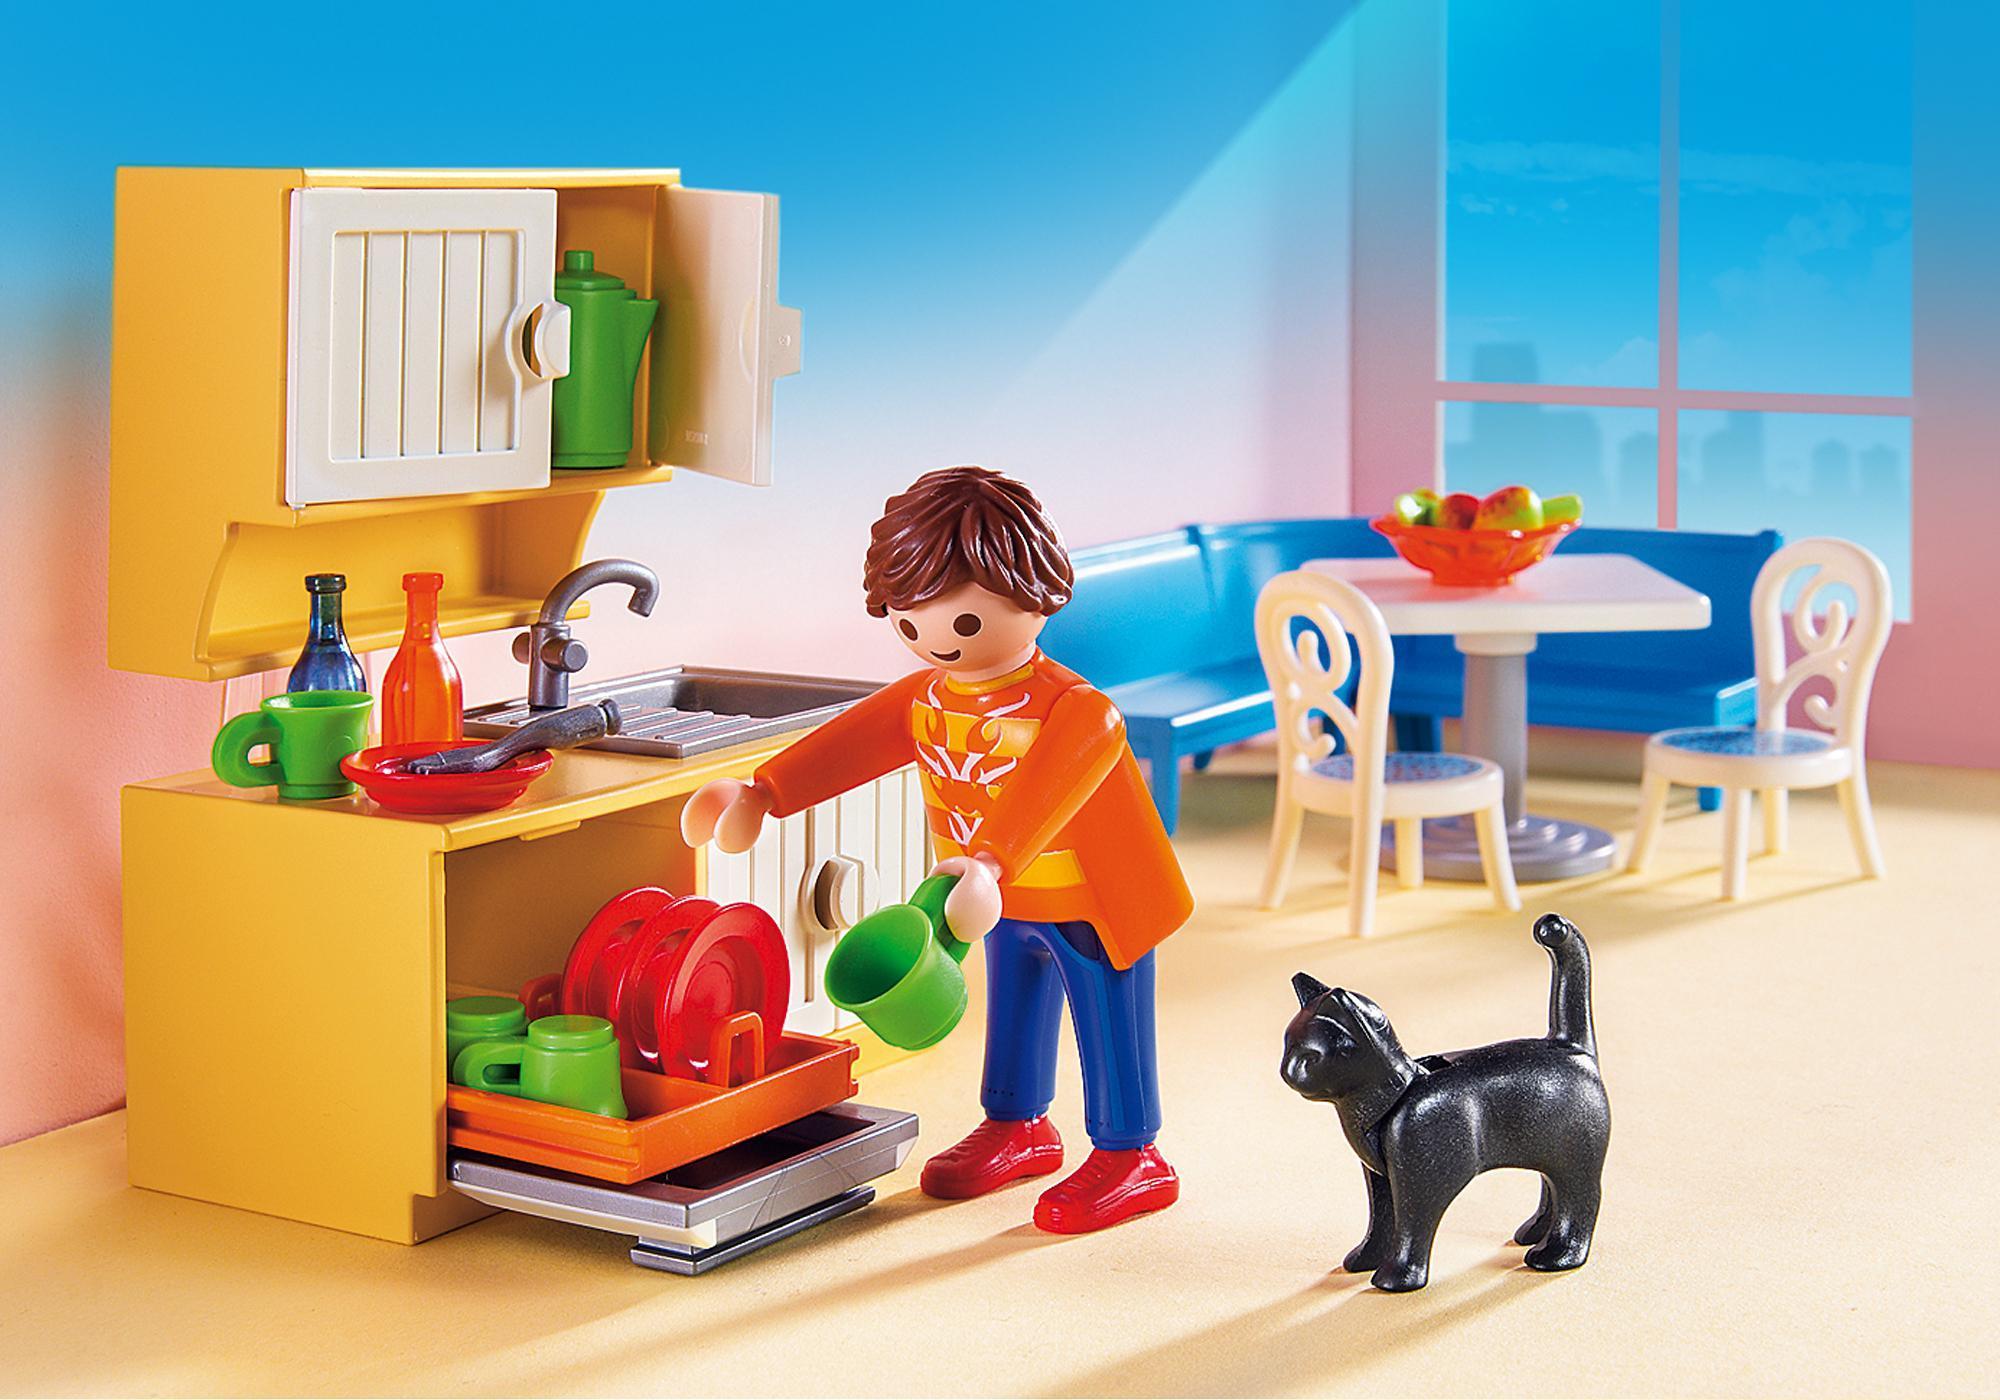 http://media.playmobil.com/i/playmobil/5336_product_extra1/Cozinha